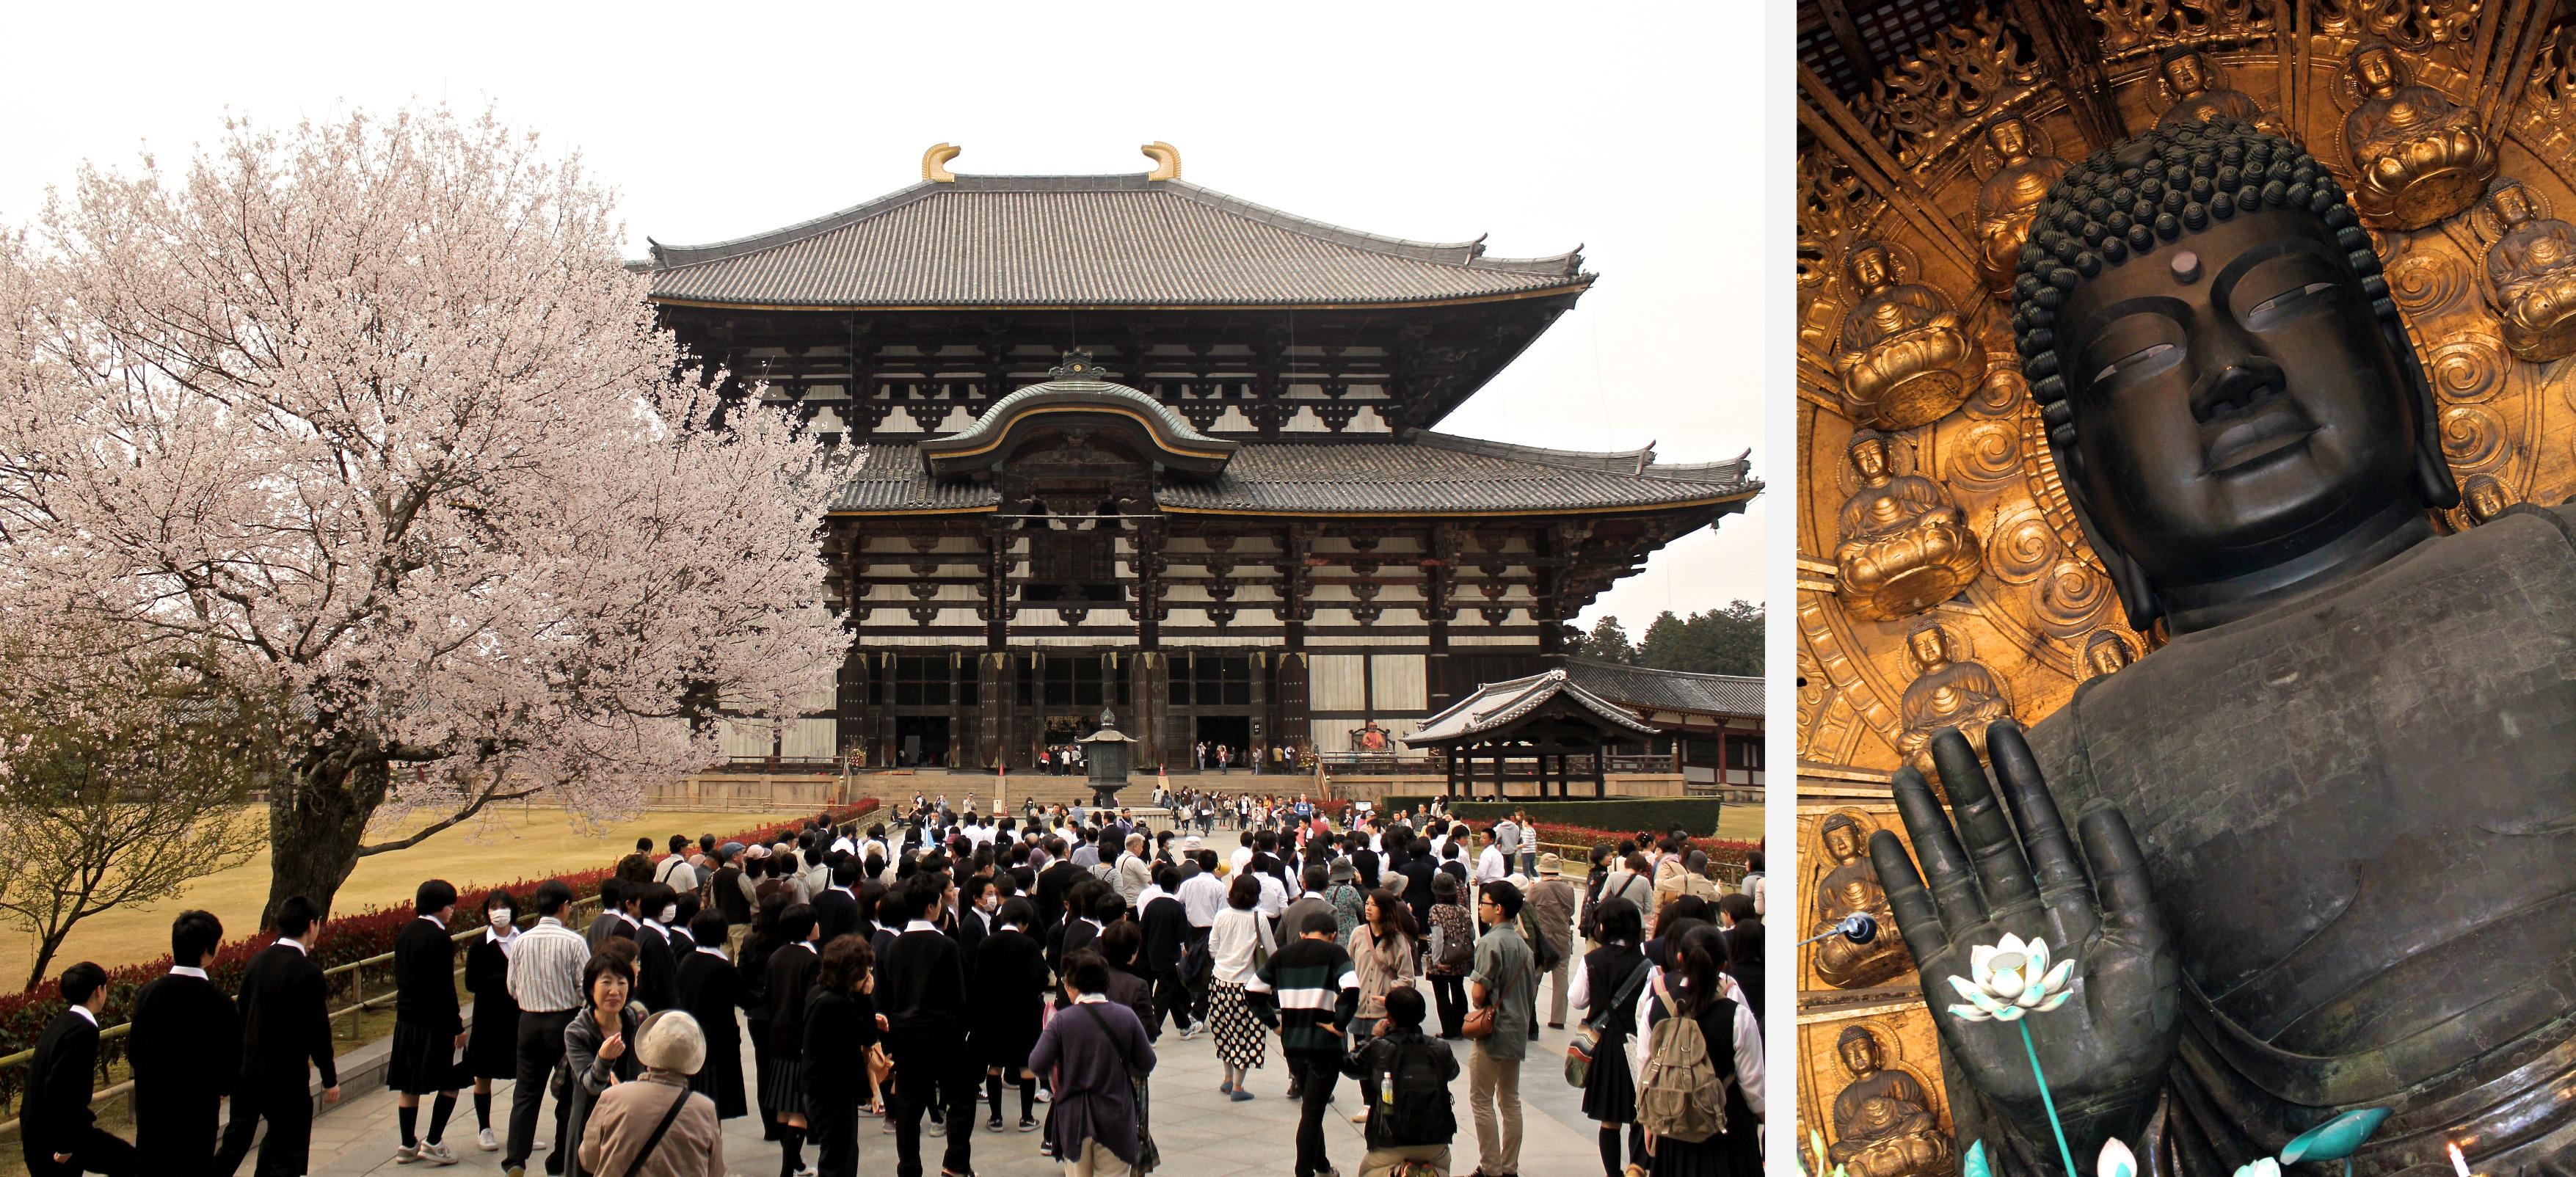 Mariage heureux au japon entre traditions et modernité